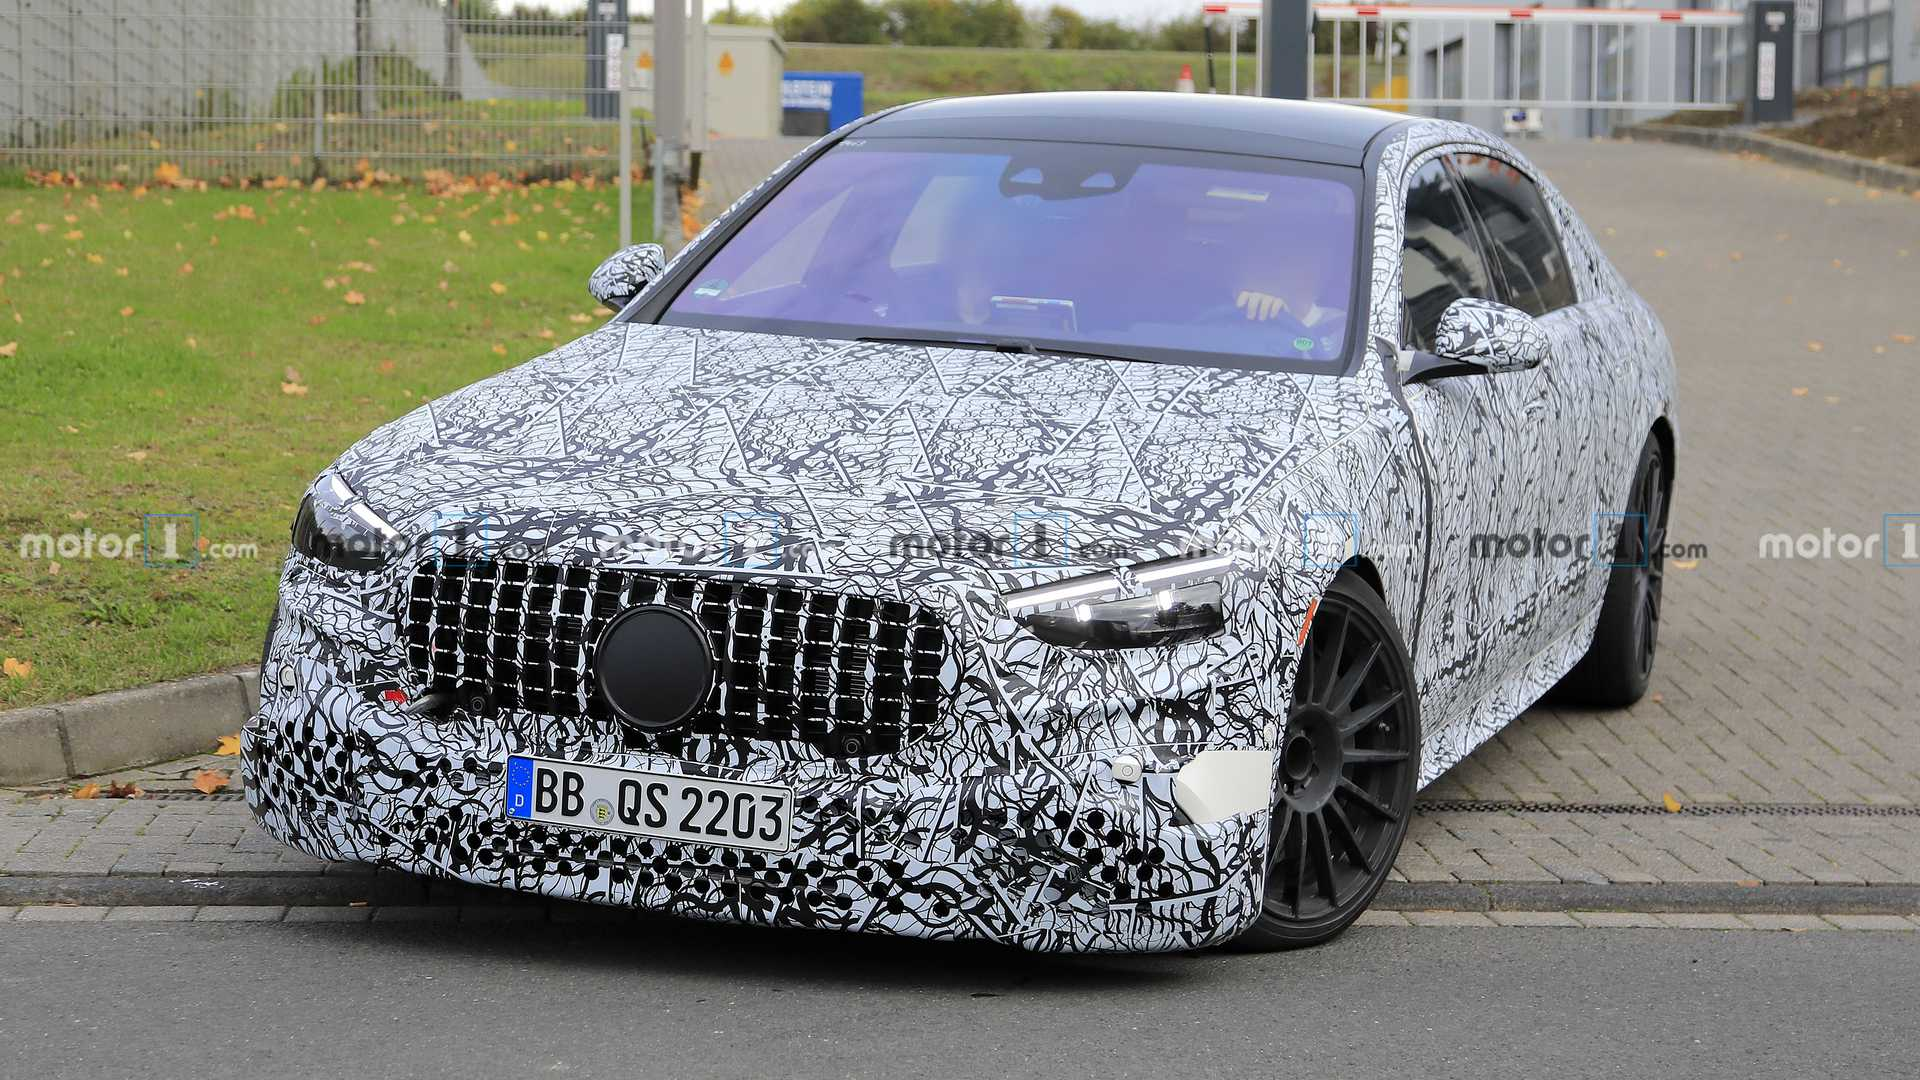 Накануне в Сети опубликовали шпионские снимки «заряженной» версии флагманского S 63 от Mercedes-AMG.